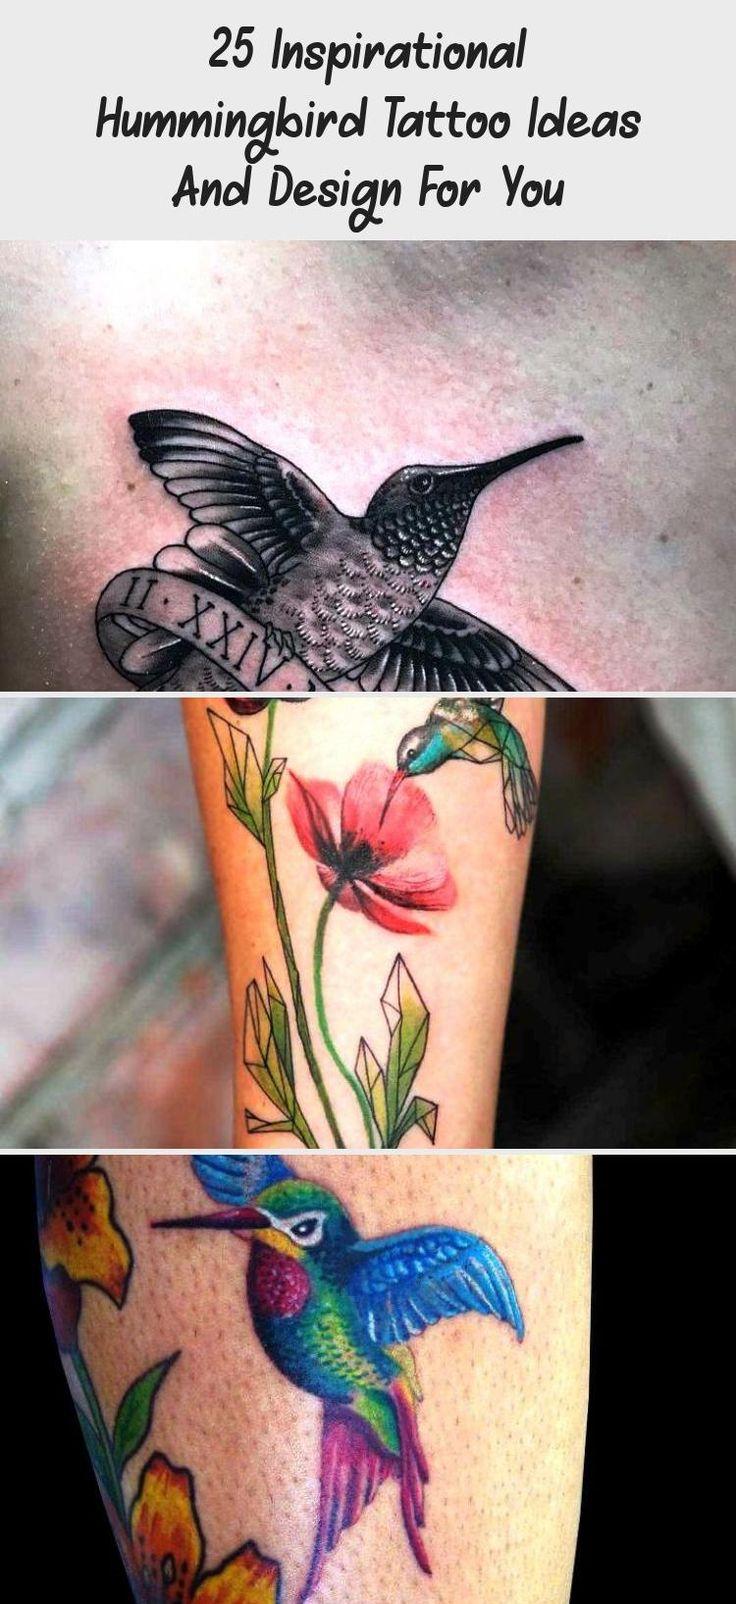 39+ Stunning Hummingbird tattoo ideas pictures ideas in 2021